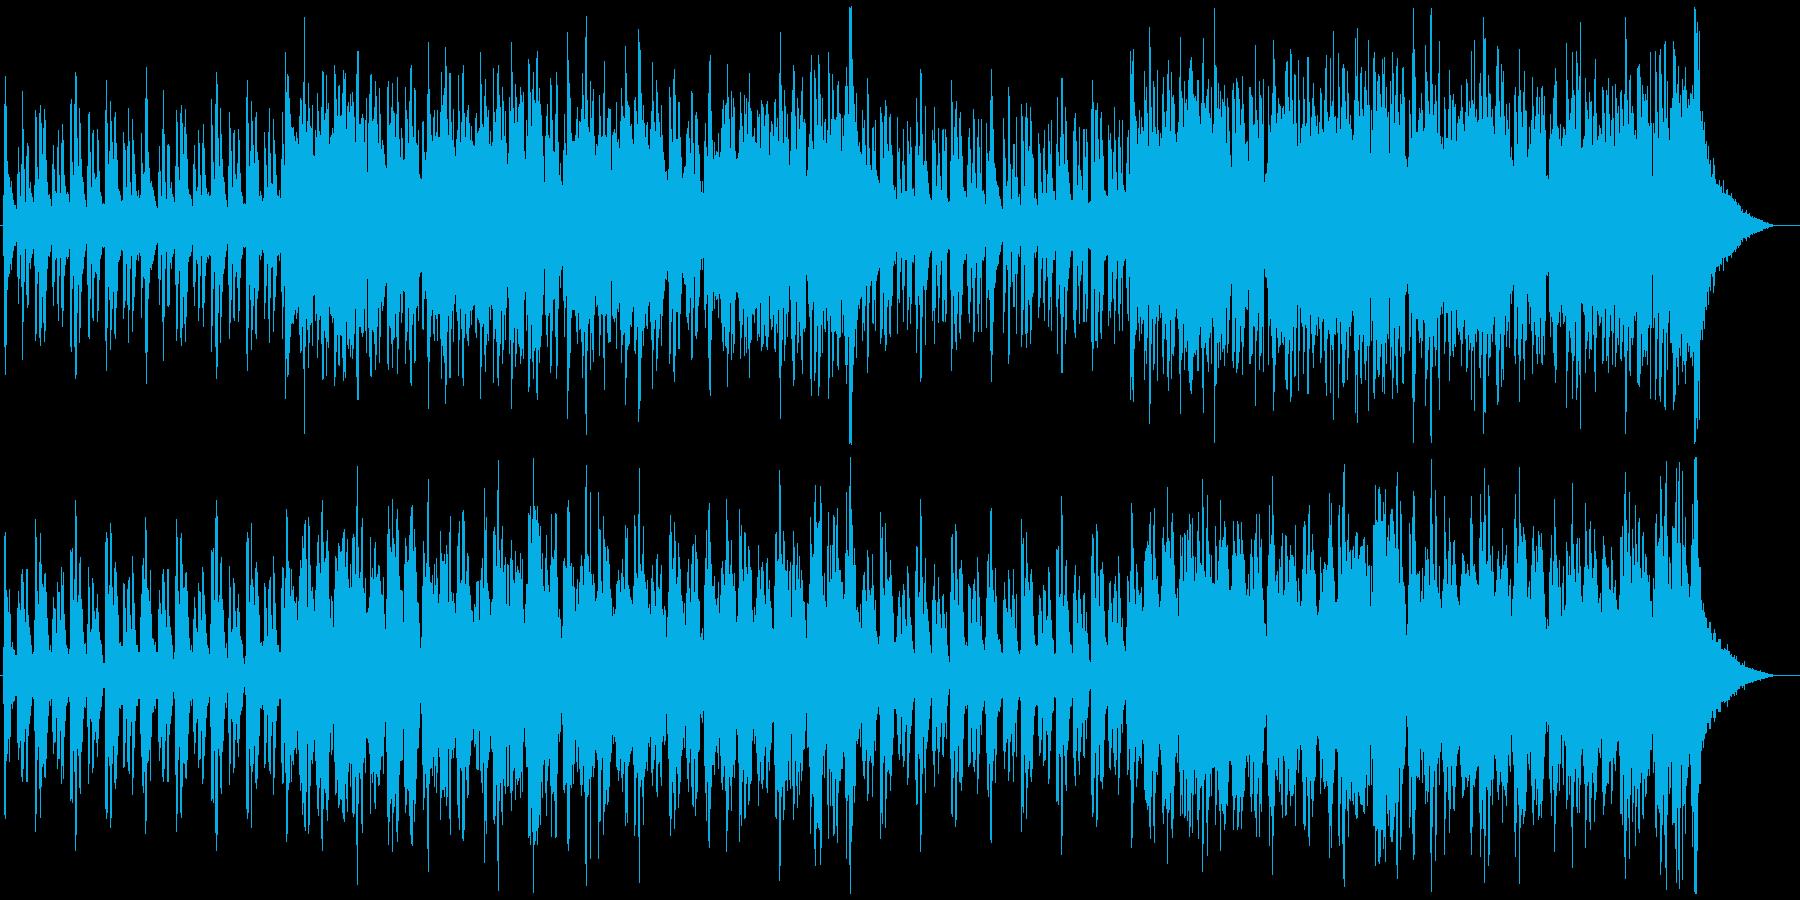 新生活が始まるようなオーケストラBGMの再生済みの波形